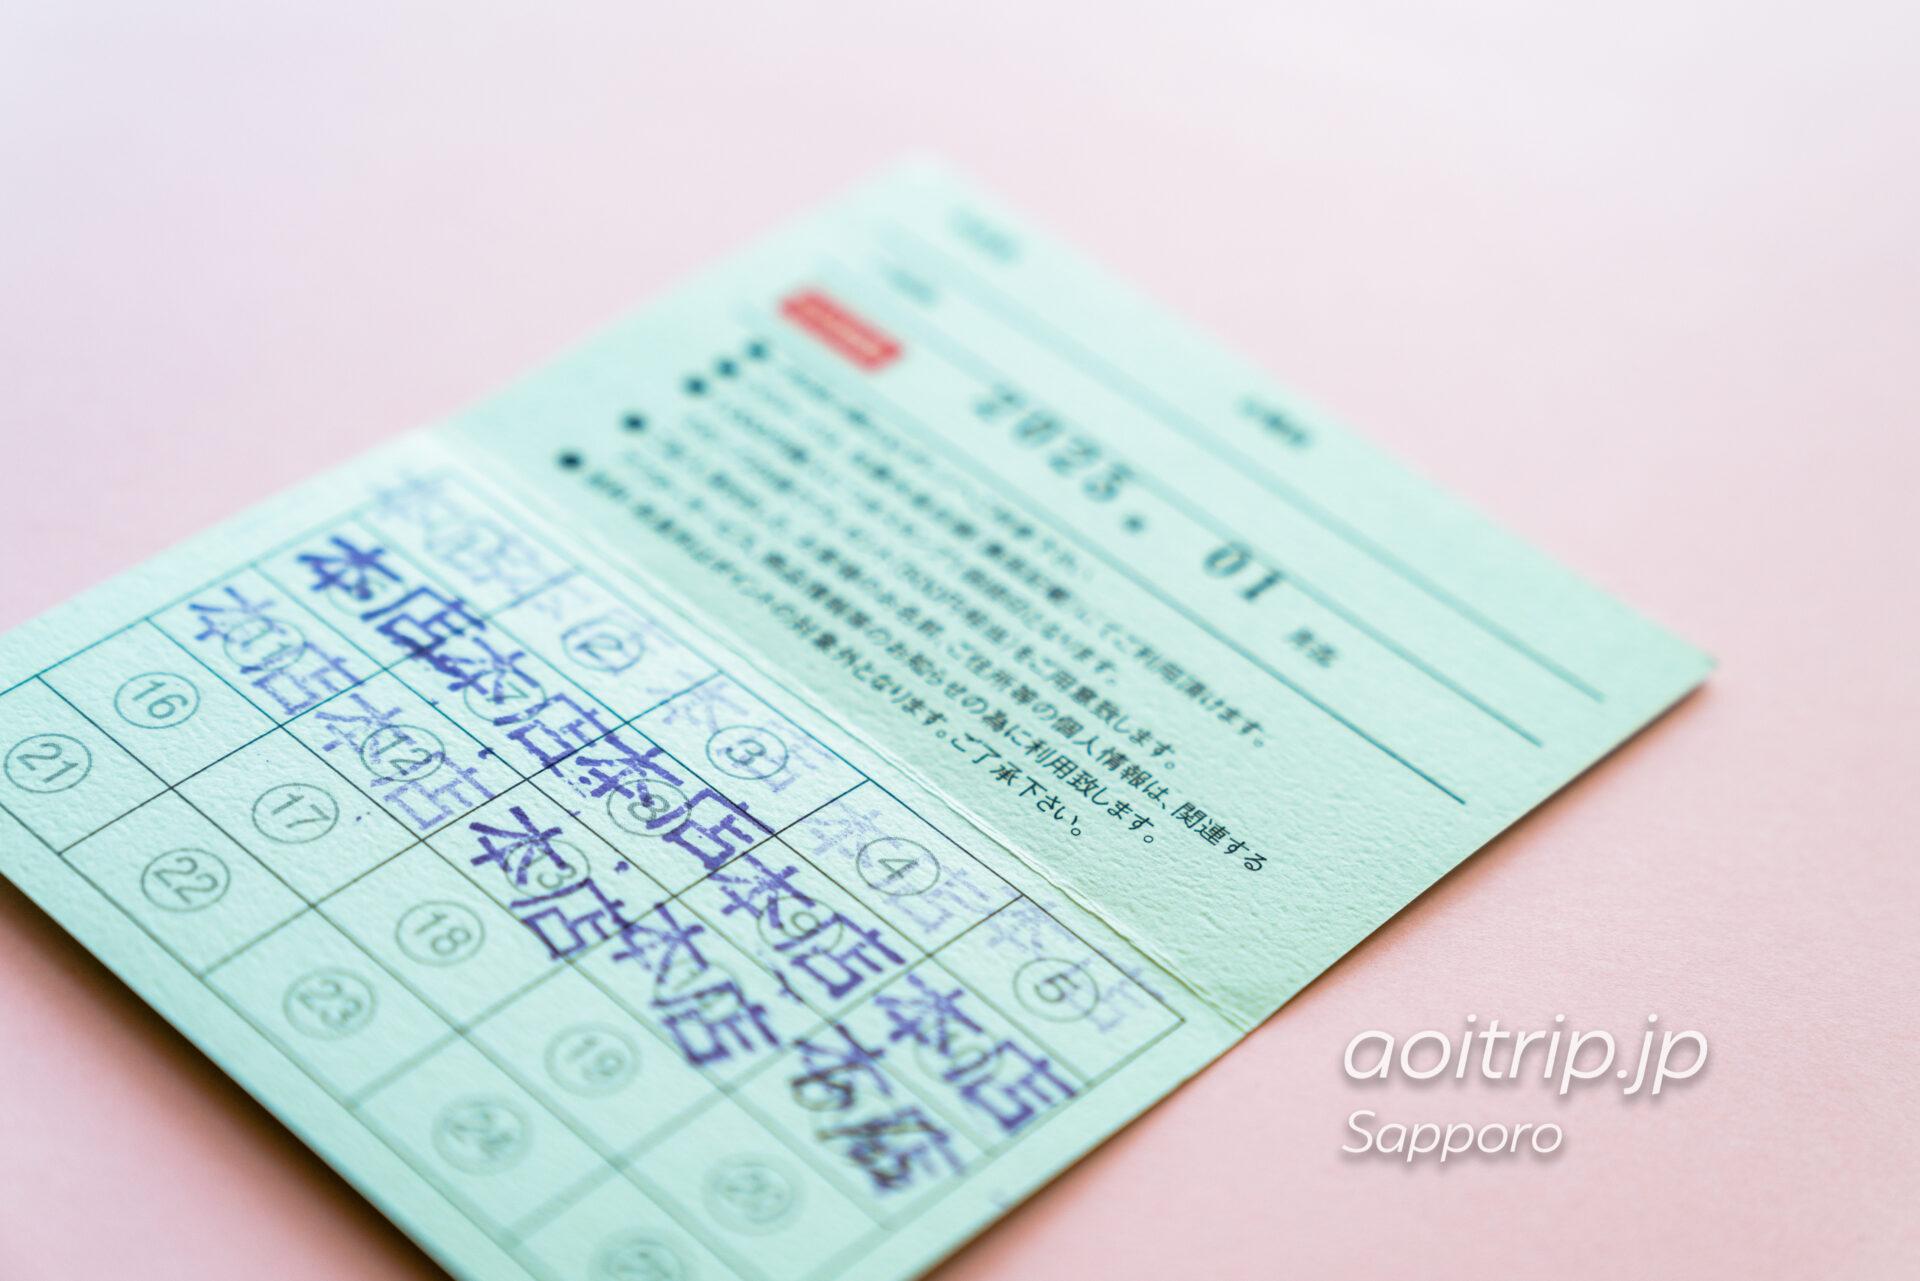 佐藤水産のポイントカード